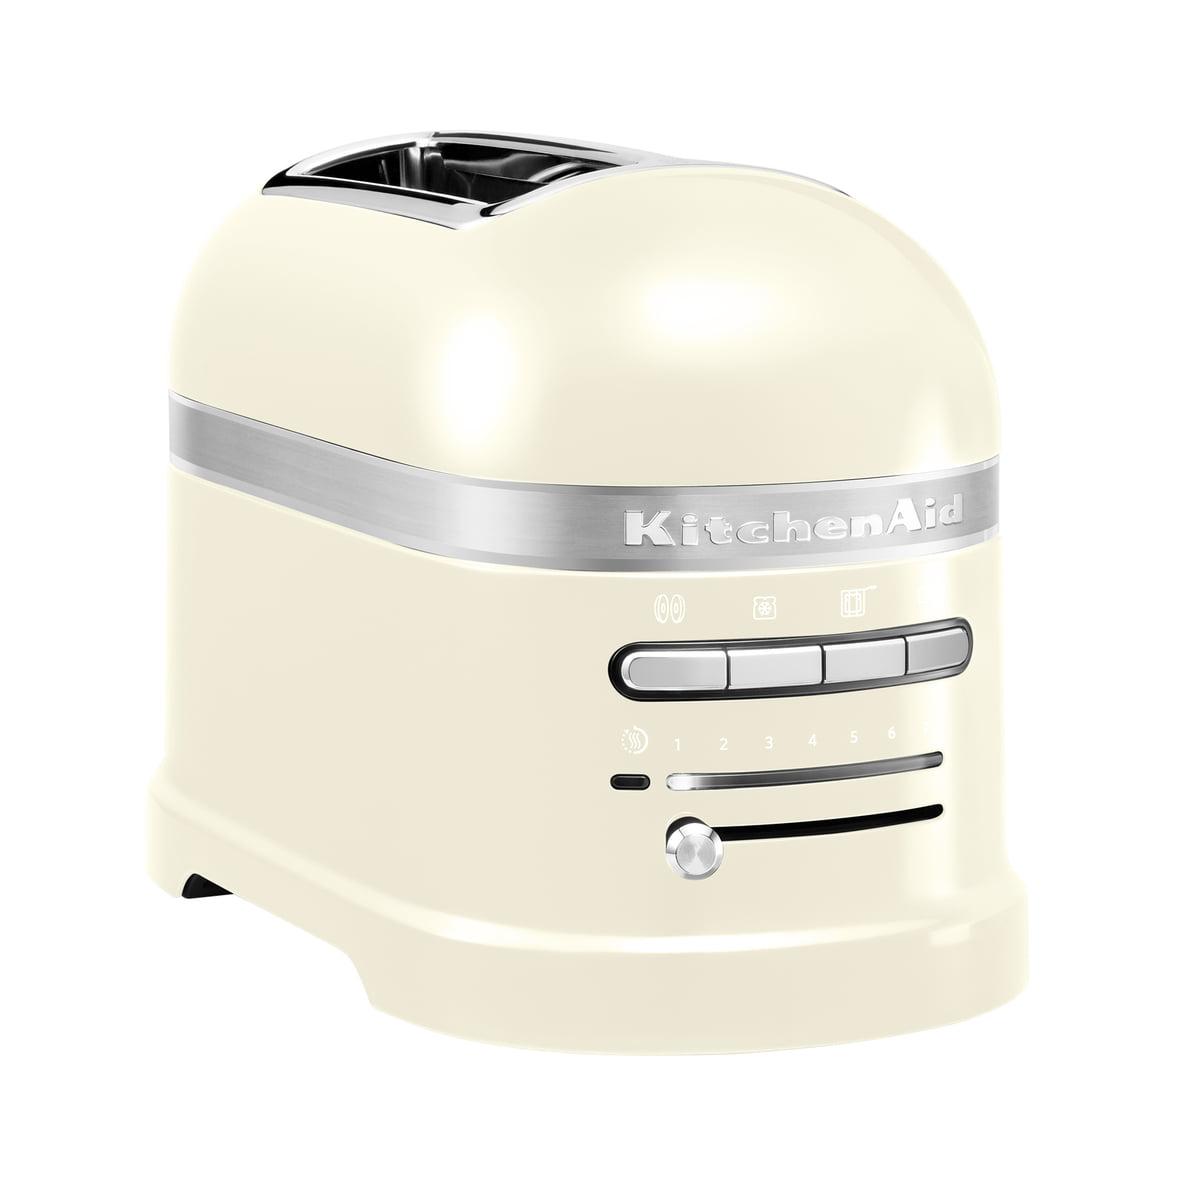 Kitchen Aid KitchenAid - Artisan Toaster 5KMT2204E, 2 Scheiben, créme | Küche und Esszimmer > Küchengeräte > Toaster | Créme | Aluminiumdruckguss | Kitchen Aid